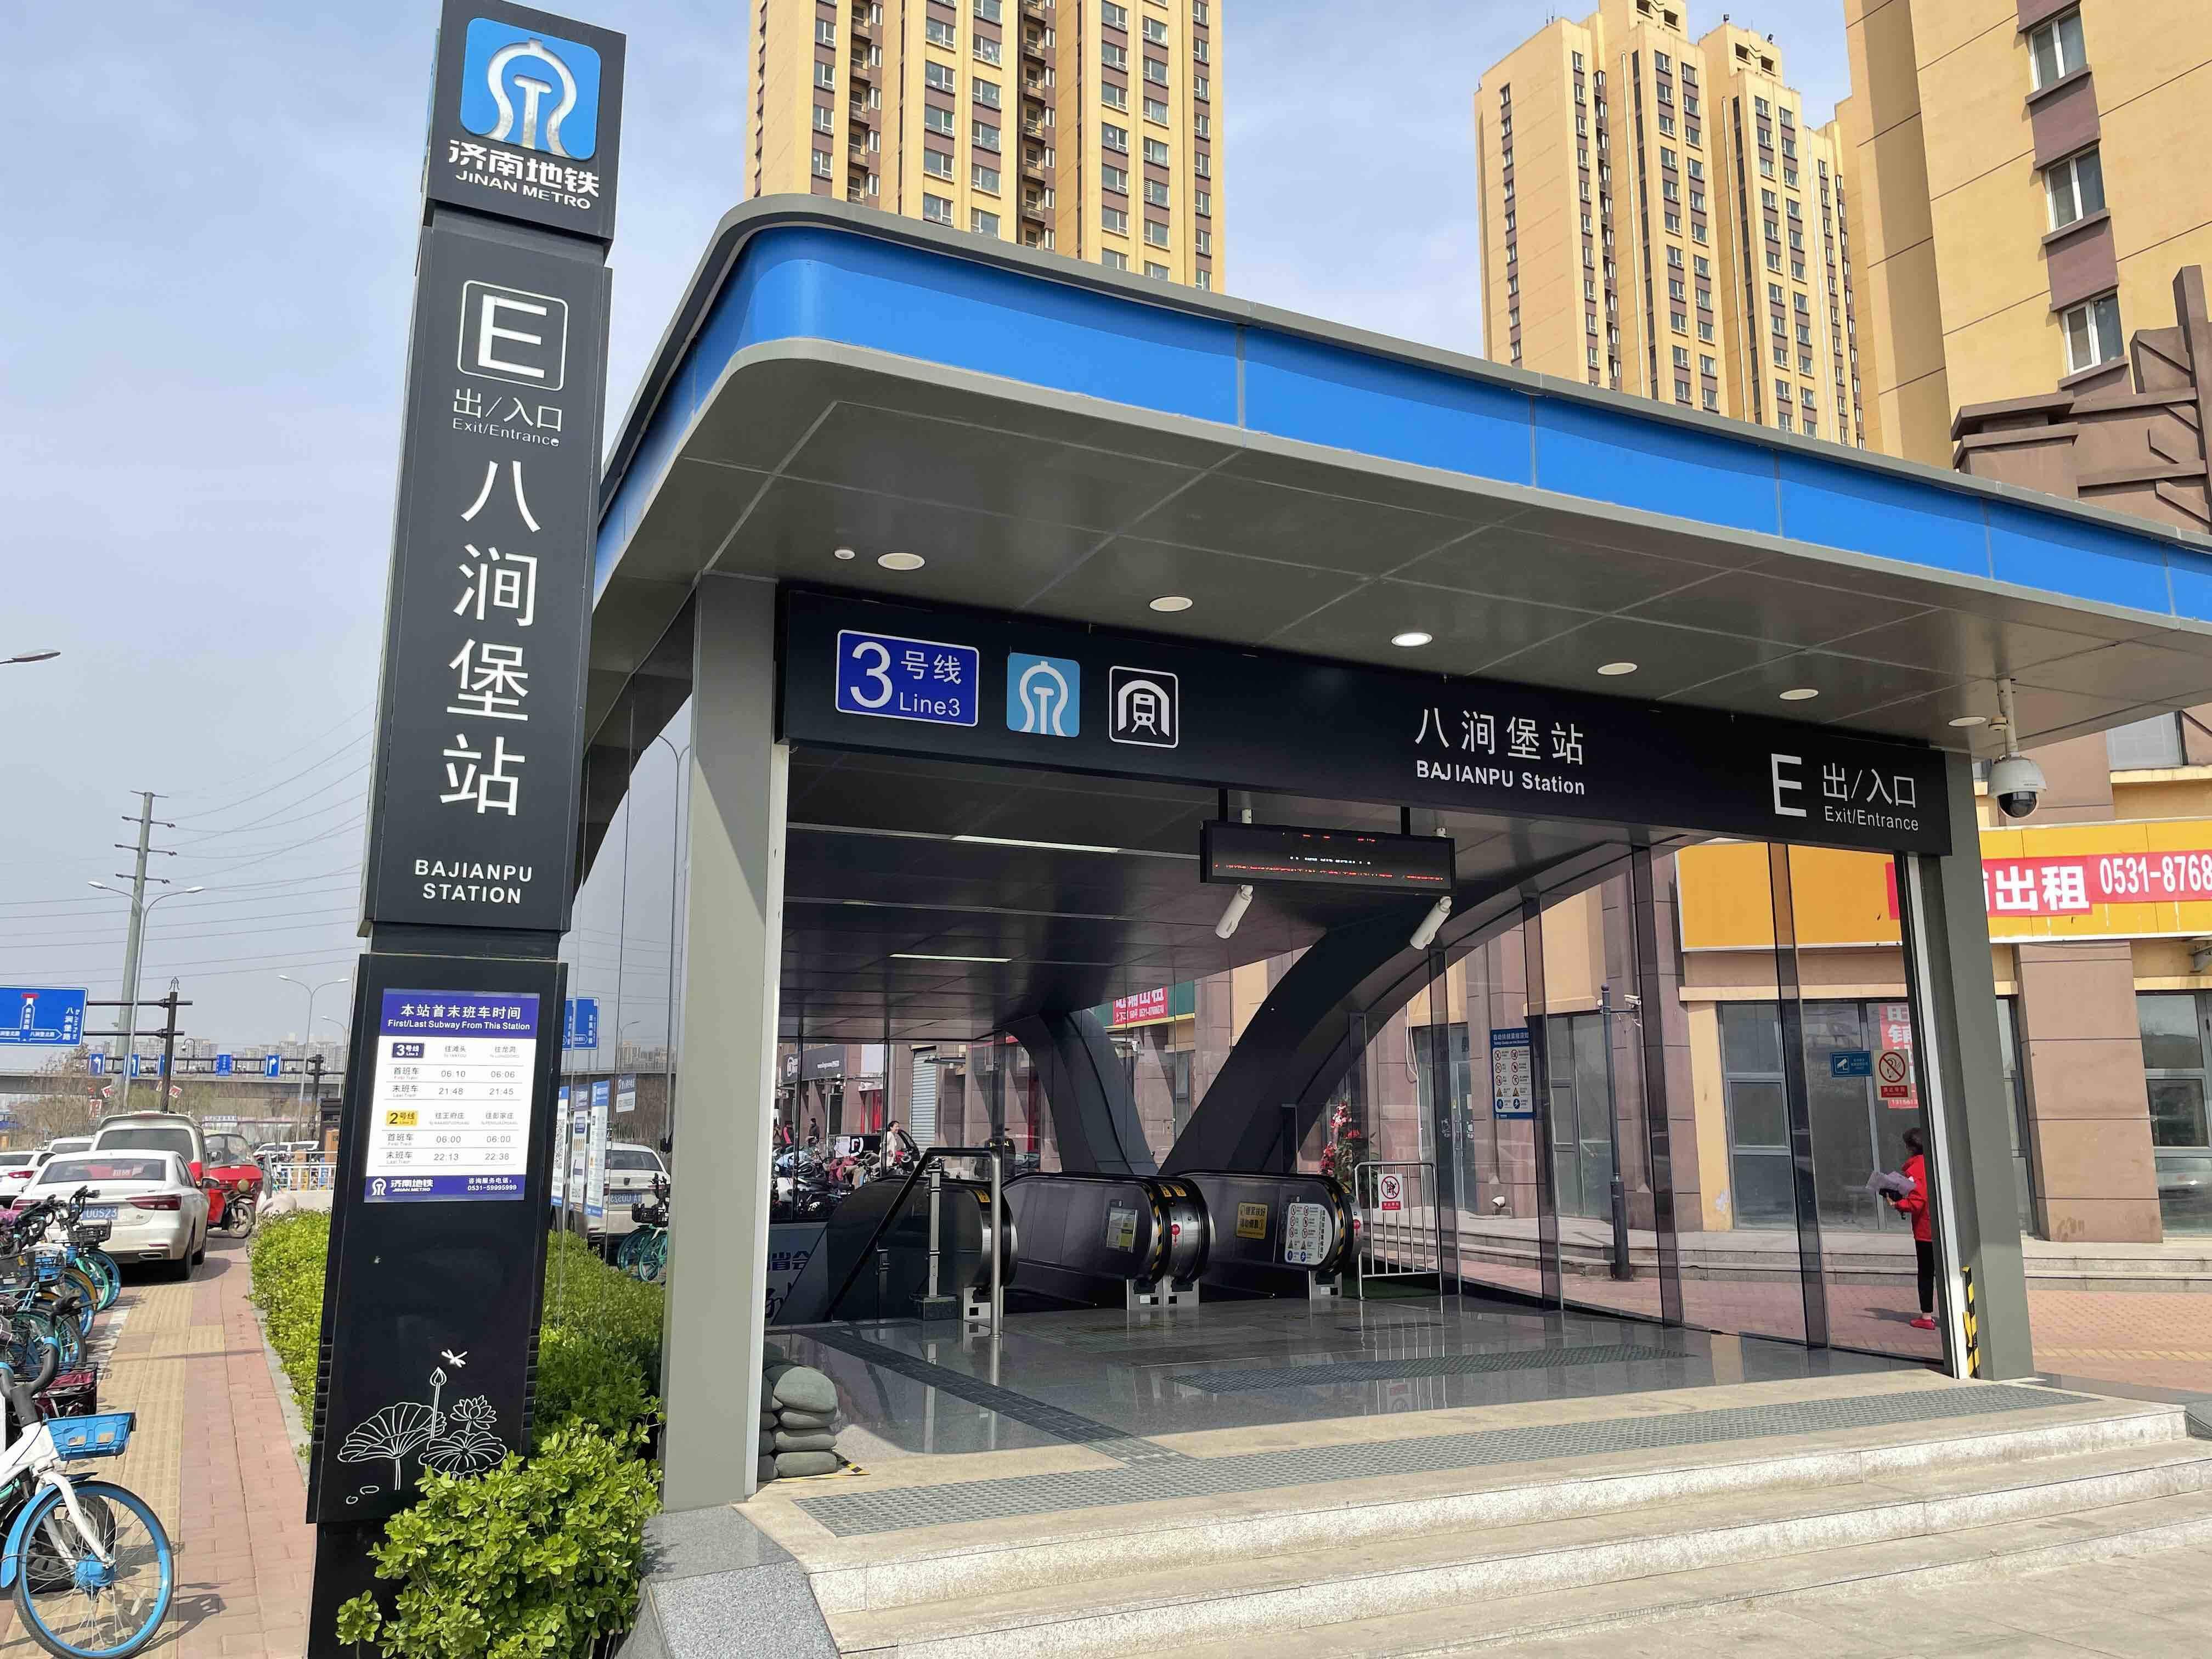 快讯!济南轨道交通2号线首趟列车正式发车